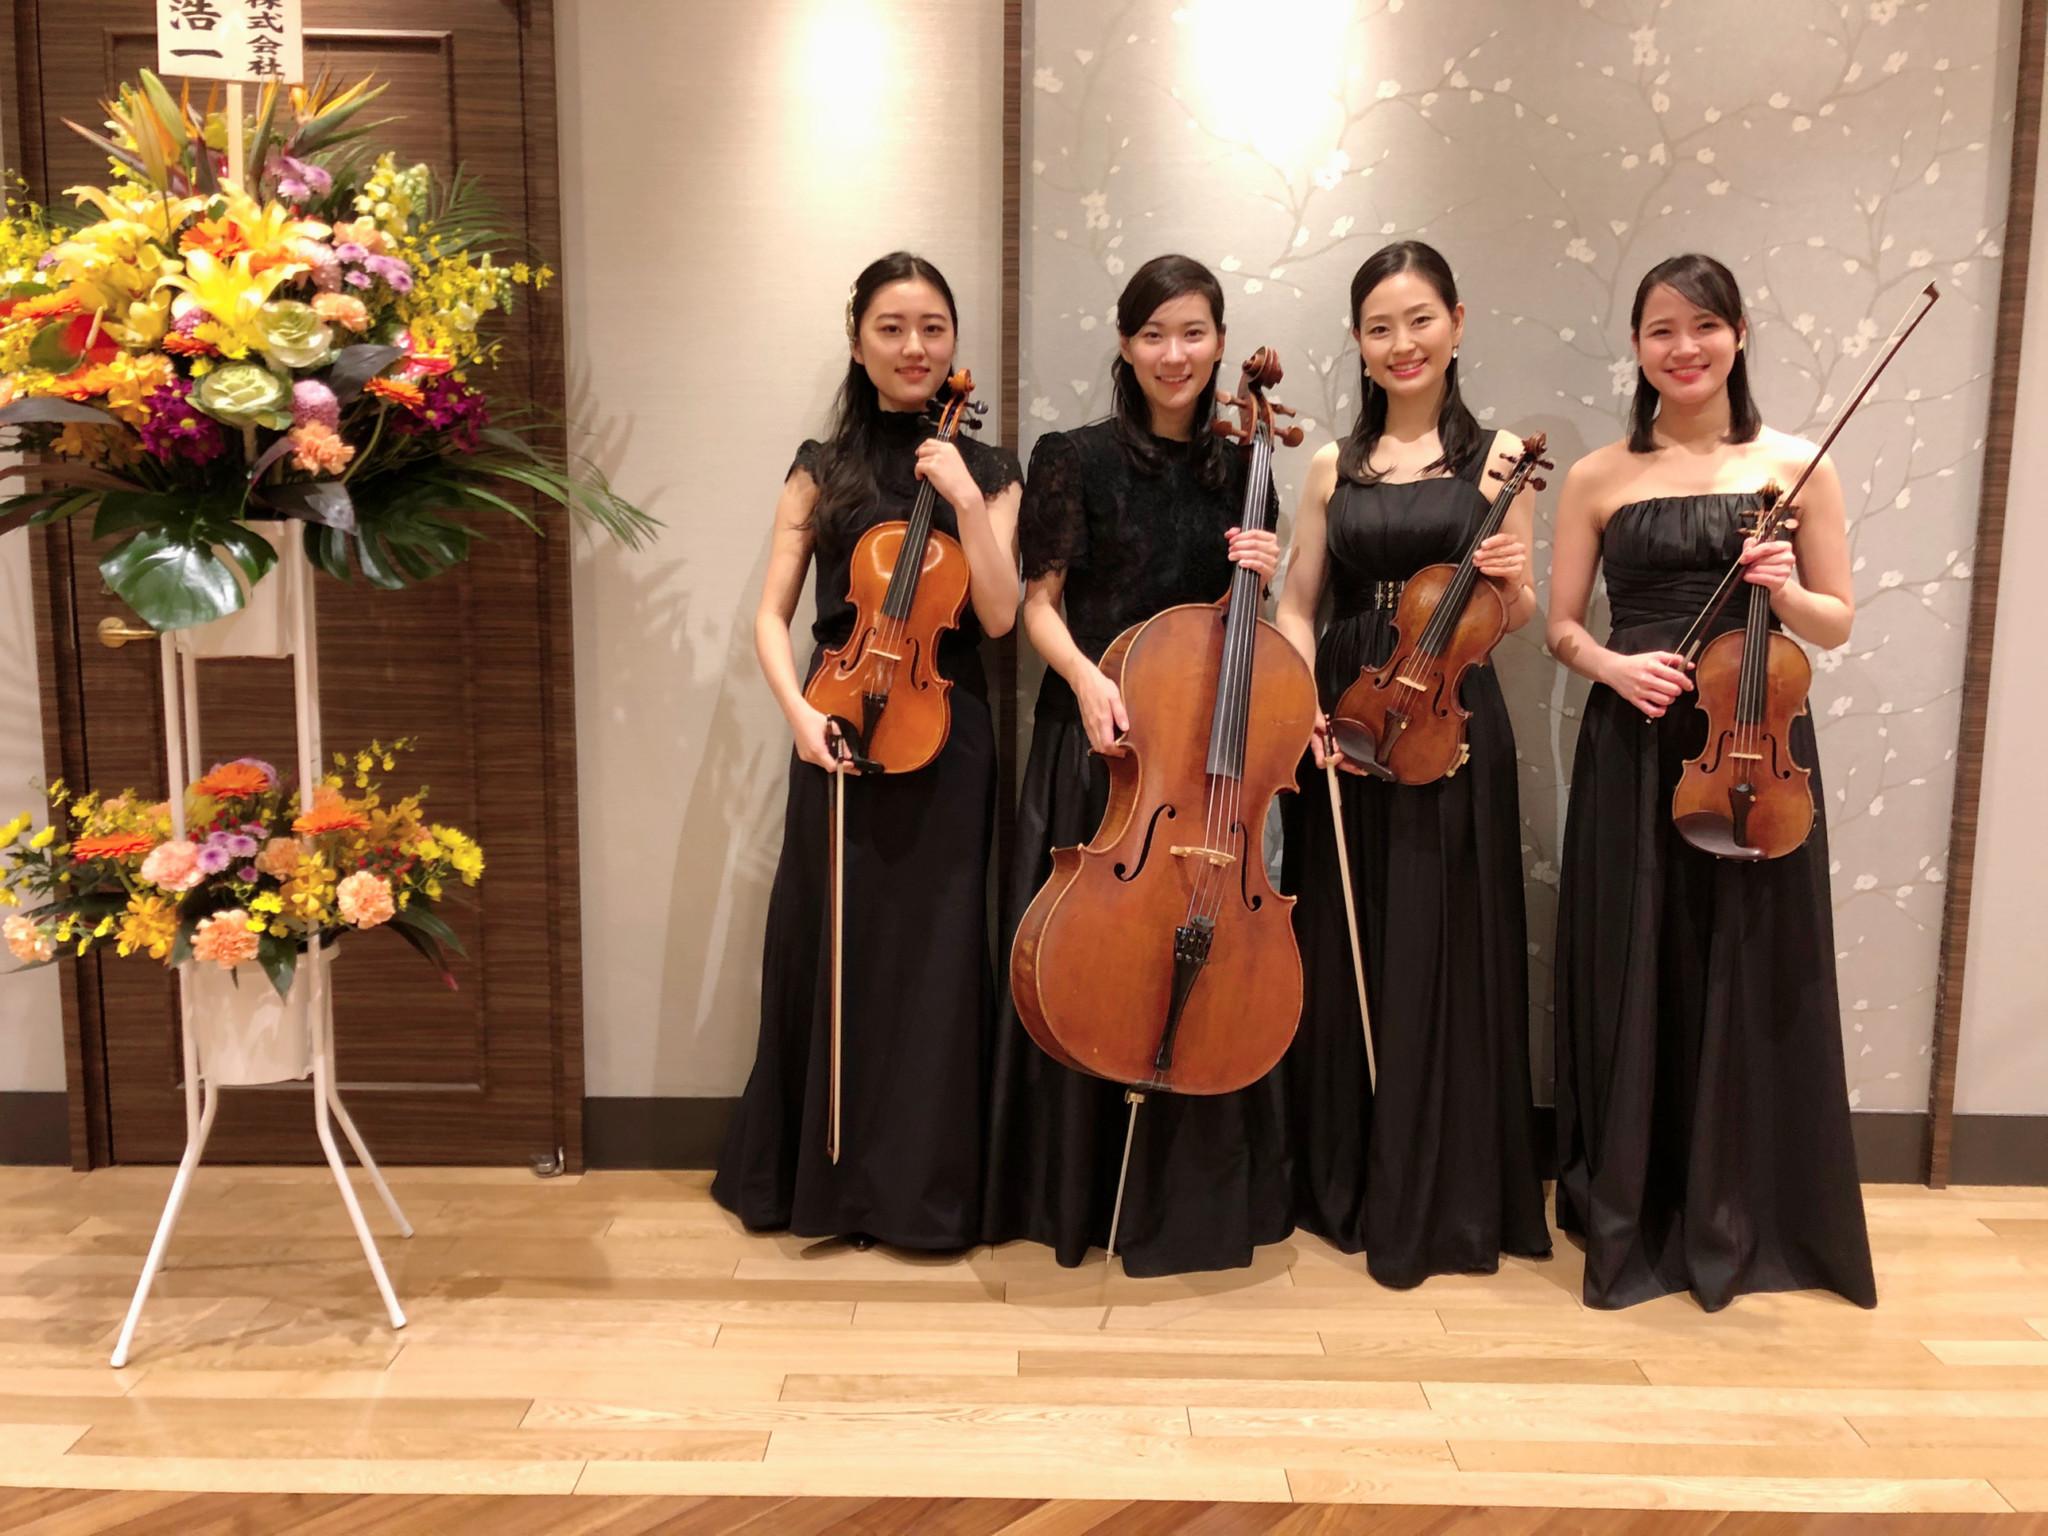 弦楽四重奏は、式典での演奏で人気があります